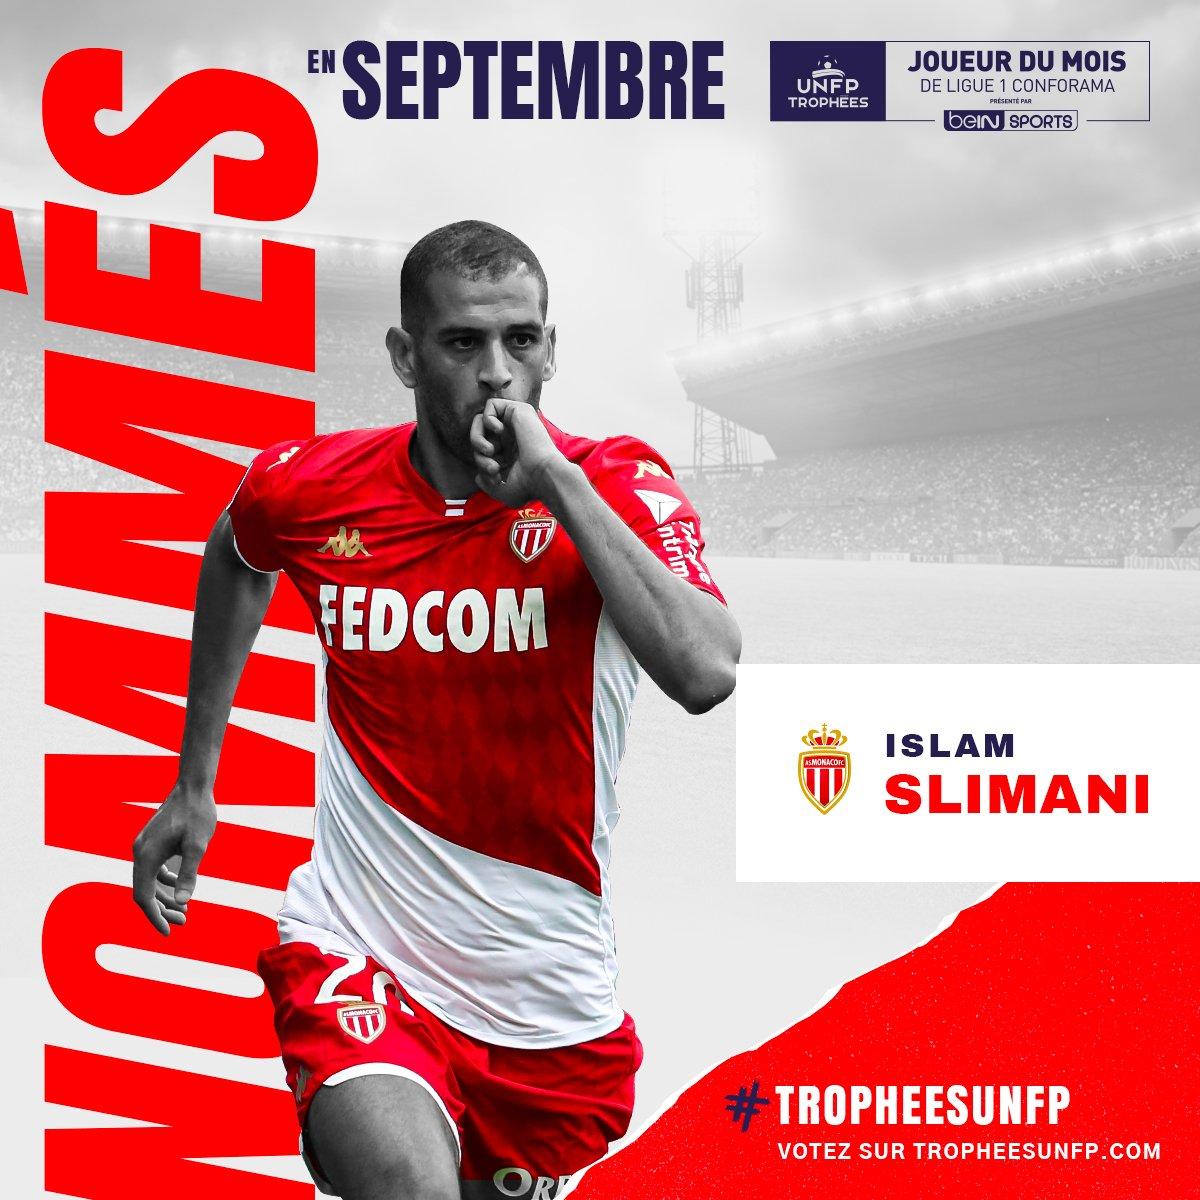 🔝 @slimaniislam nommé pour le Trophée 🏆 UNFP du meilleur joueur du mois de Ligue 1 👏  En septembre, Slimani c'est :  ⚽️⚽️⚽️ 3 Buts 🅰️🅰️🅰️🅰️🅰️ 5 Passes décisives  🔥🔥🔥  🗳Votez sur 👉 https://t.co/XiyIIrCGcg  #TropheesUNFP https://t.co/w0jfwcuNmR